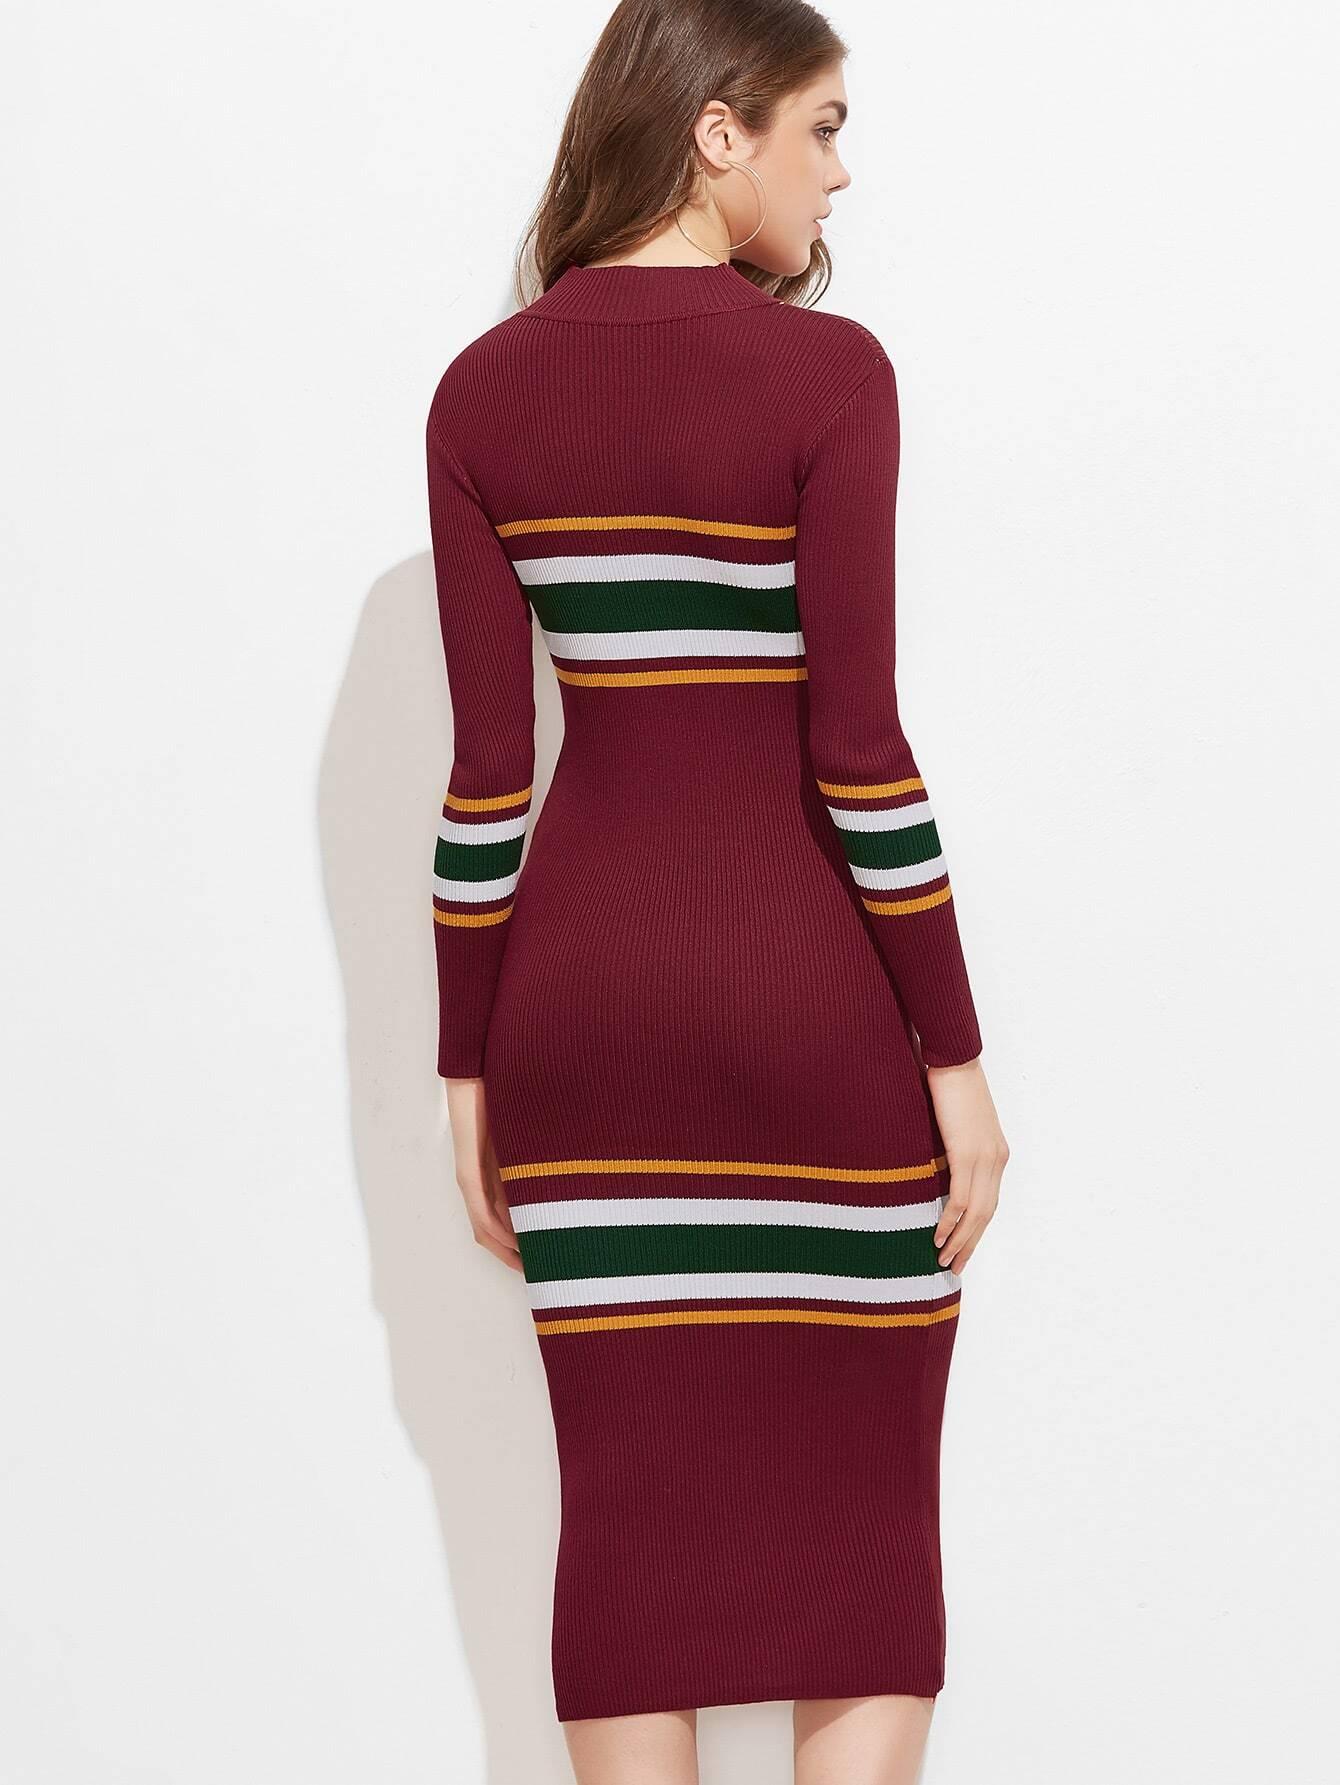 dress161209102_2